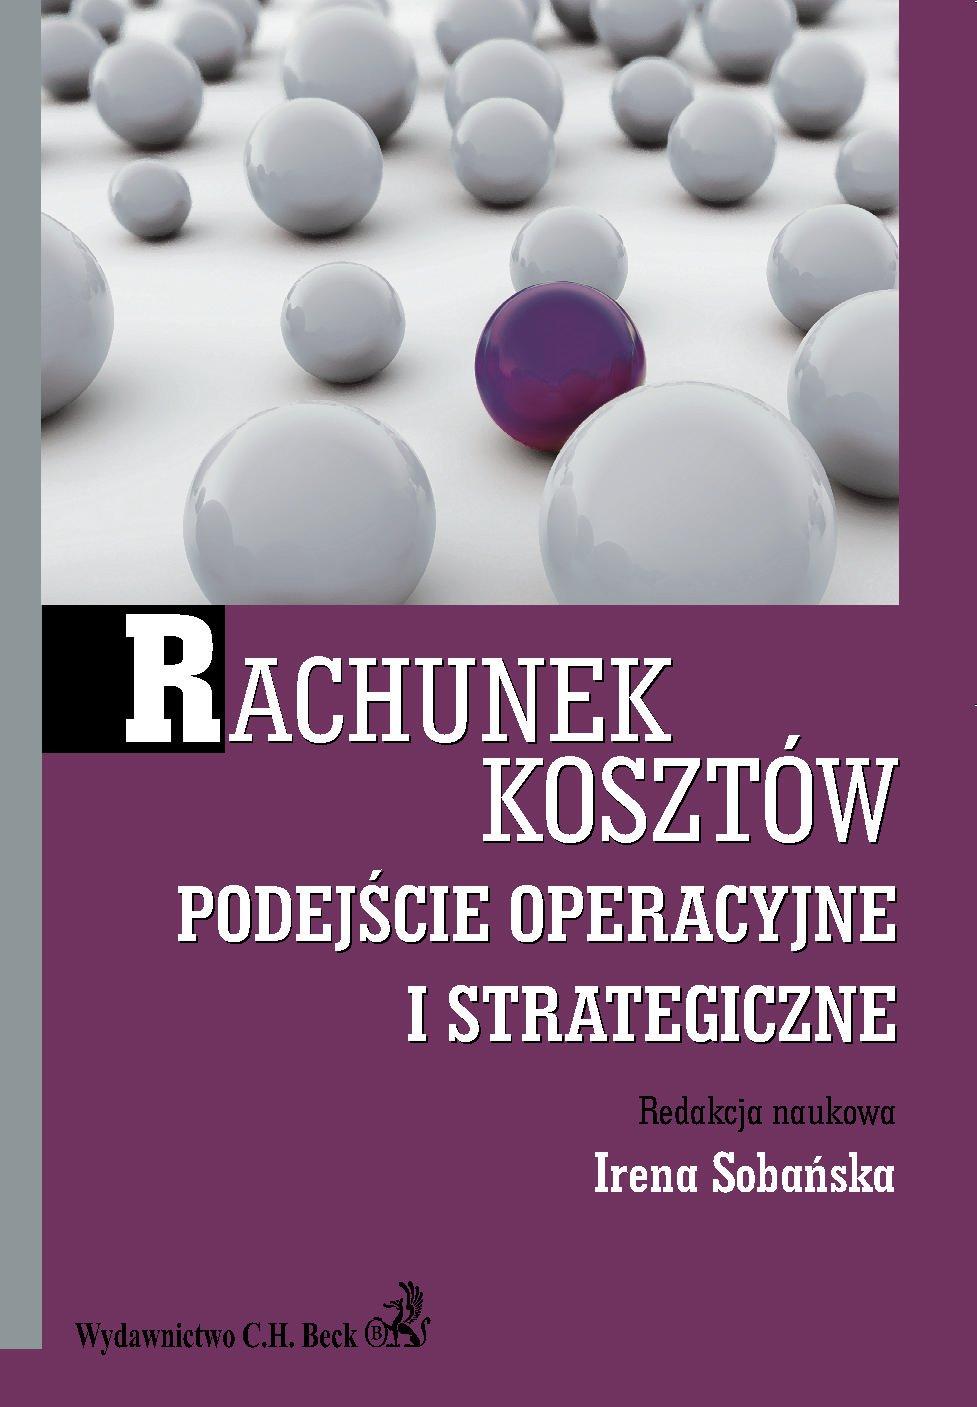 Rachunek kosztów. Podejście operacyjne i strategiczne - Ebook (Książka PDF) do pobrania w formacie PDF